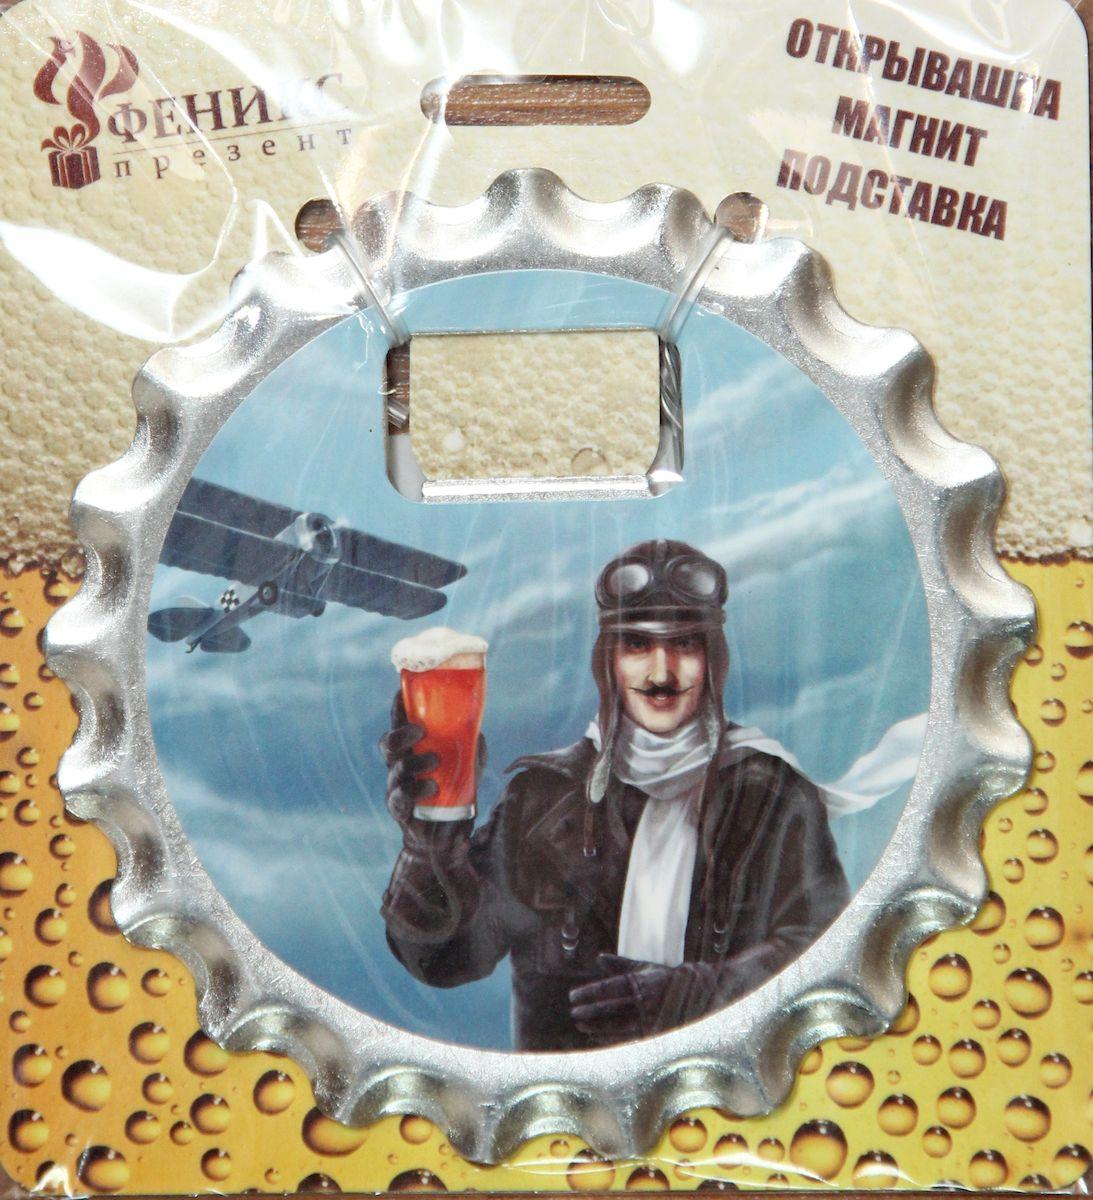 Ключ для открывания бутылок Magic Home Авиатор, с магнитом41192Ключ для открывания бутылок - это полезный и нужный прибор в каждом доме. Он представляет собой подставку под пивной стакан с отверстием для удобного снятия металлических пробок с бутылок. Лицевая сторона украшена оригинальным изображением, а на оборотной стороне закреплены магнит и три пробковые вставки для защиты поверхности стола от повреждений. Изделие выполнено из оцинкованного металла.